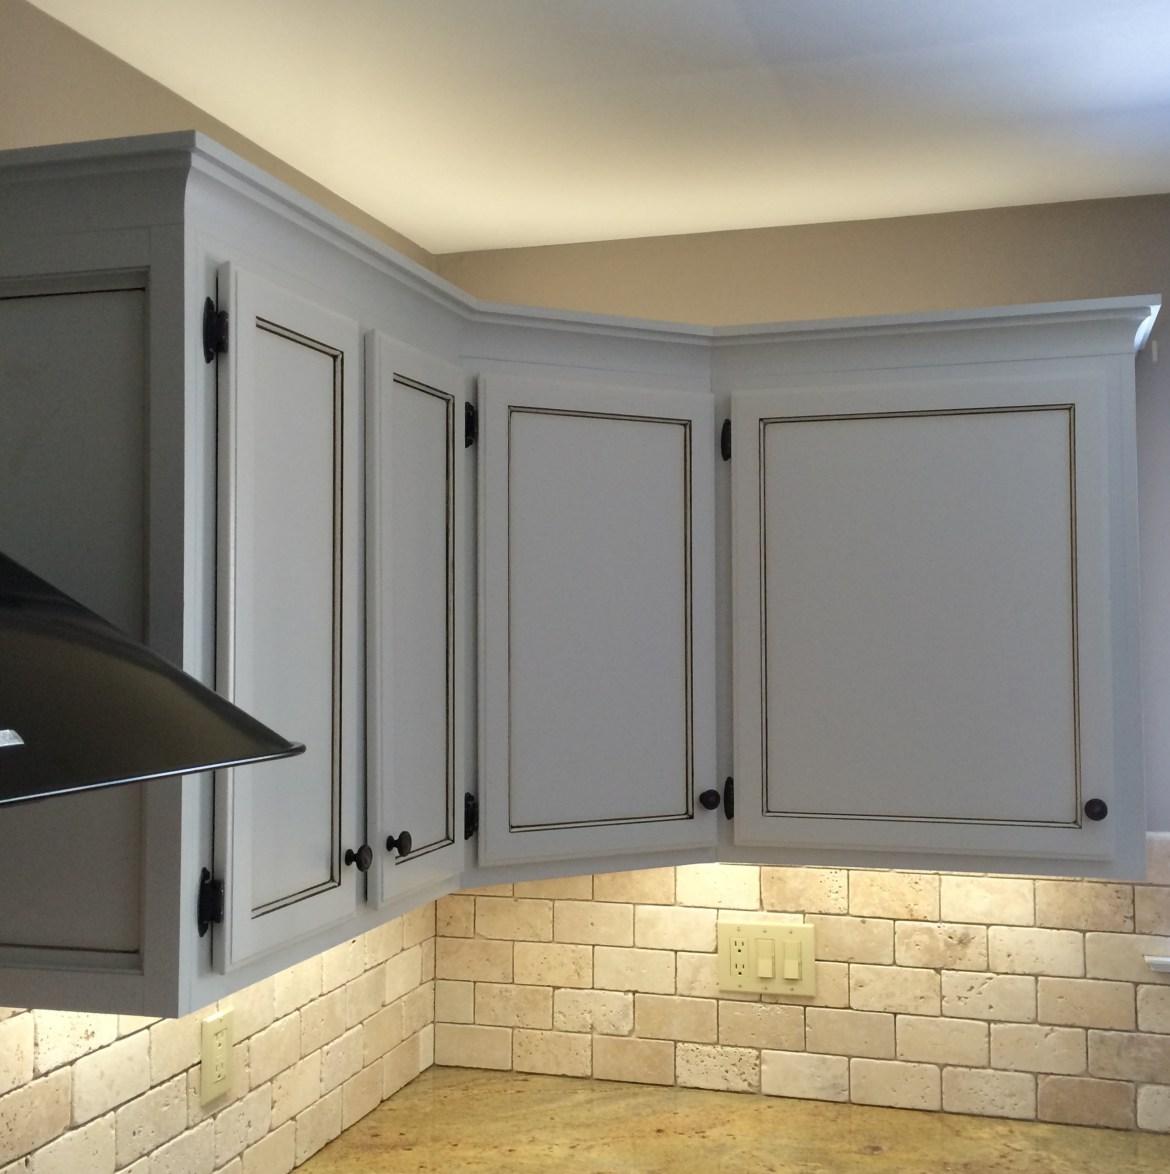 under cabinet lighting fielder electrical services inc. Black Bedroom Furniture Sets. Home Design Ideas